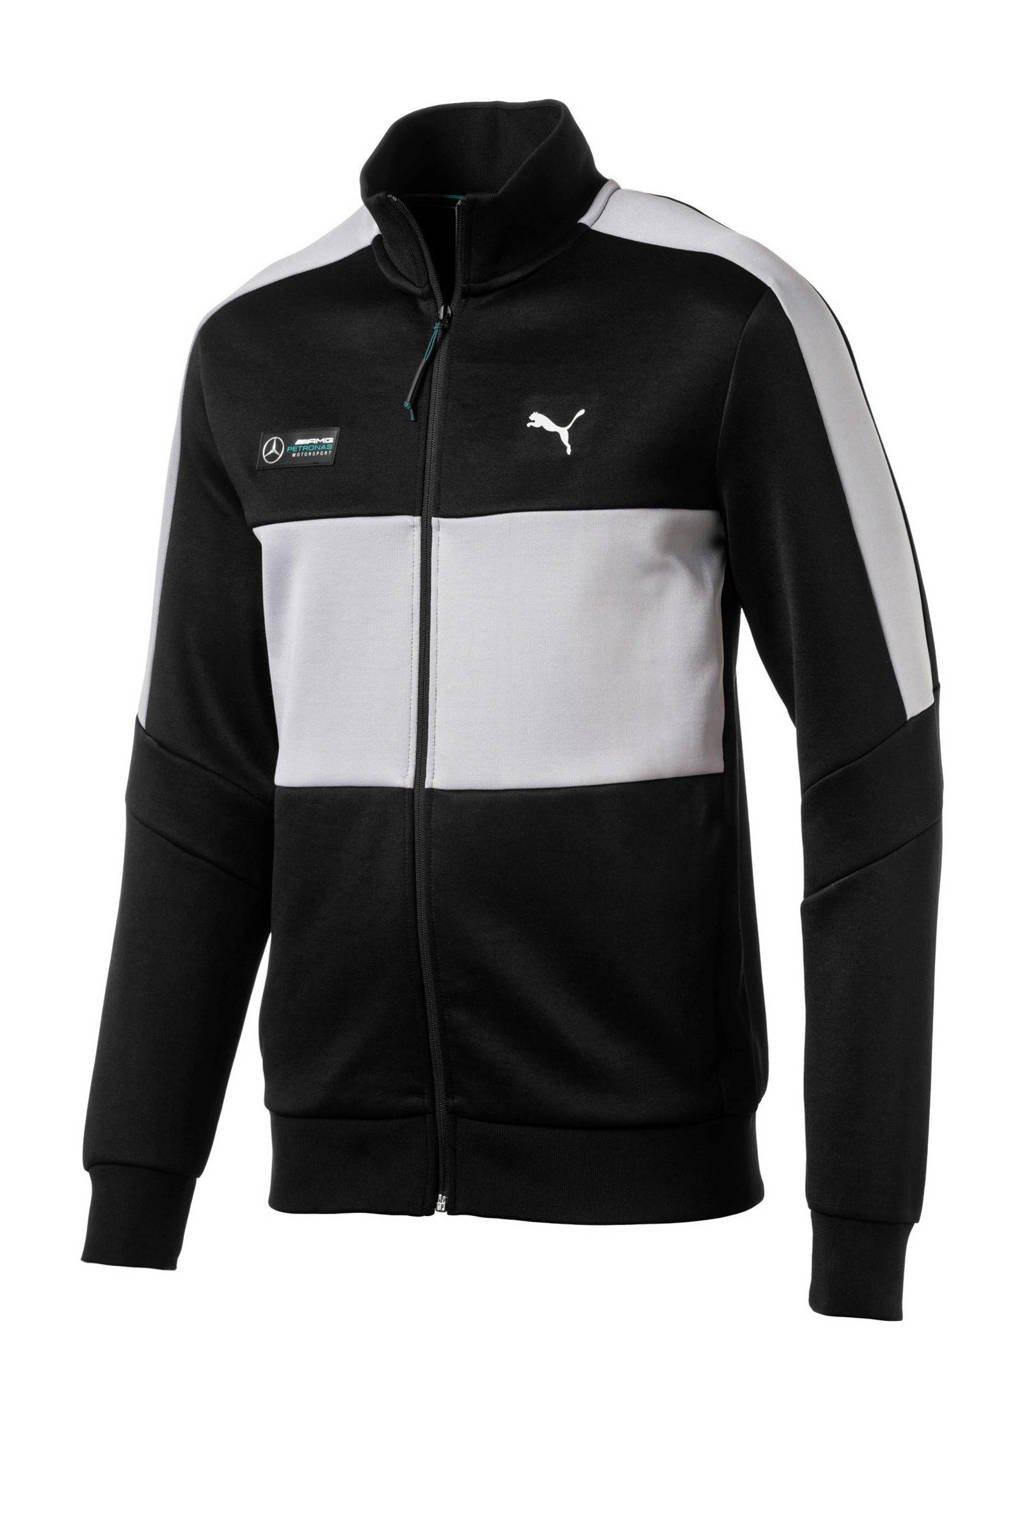 Puma   sportvest Mercedes-Benz Grand Prix Limited zwart/grijs, Zwart/grijs